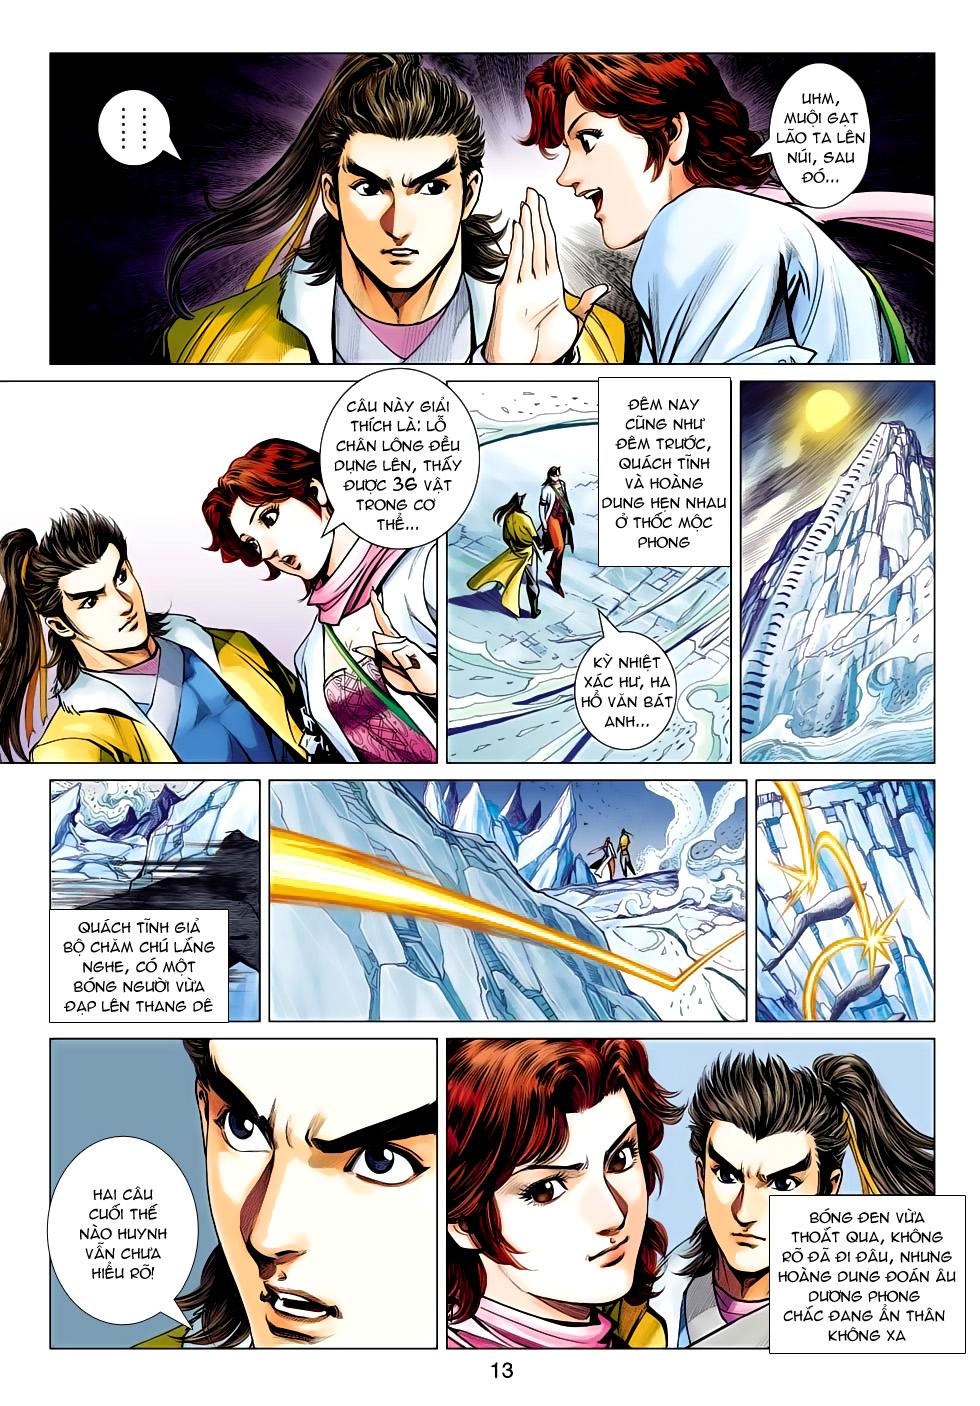 xem truyen moi - Anh Hùng Xạ Điêu - Chapter 95: Phong tỏa Tây Độc